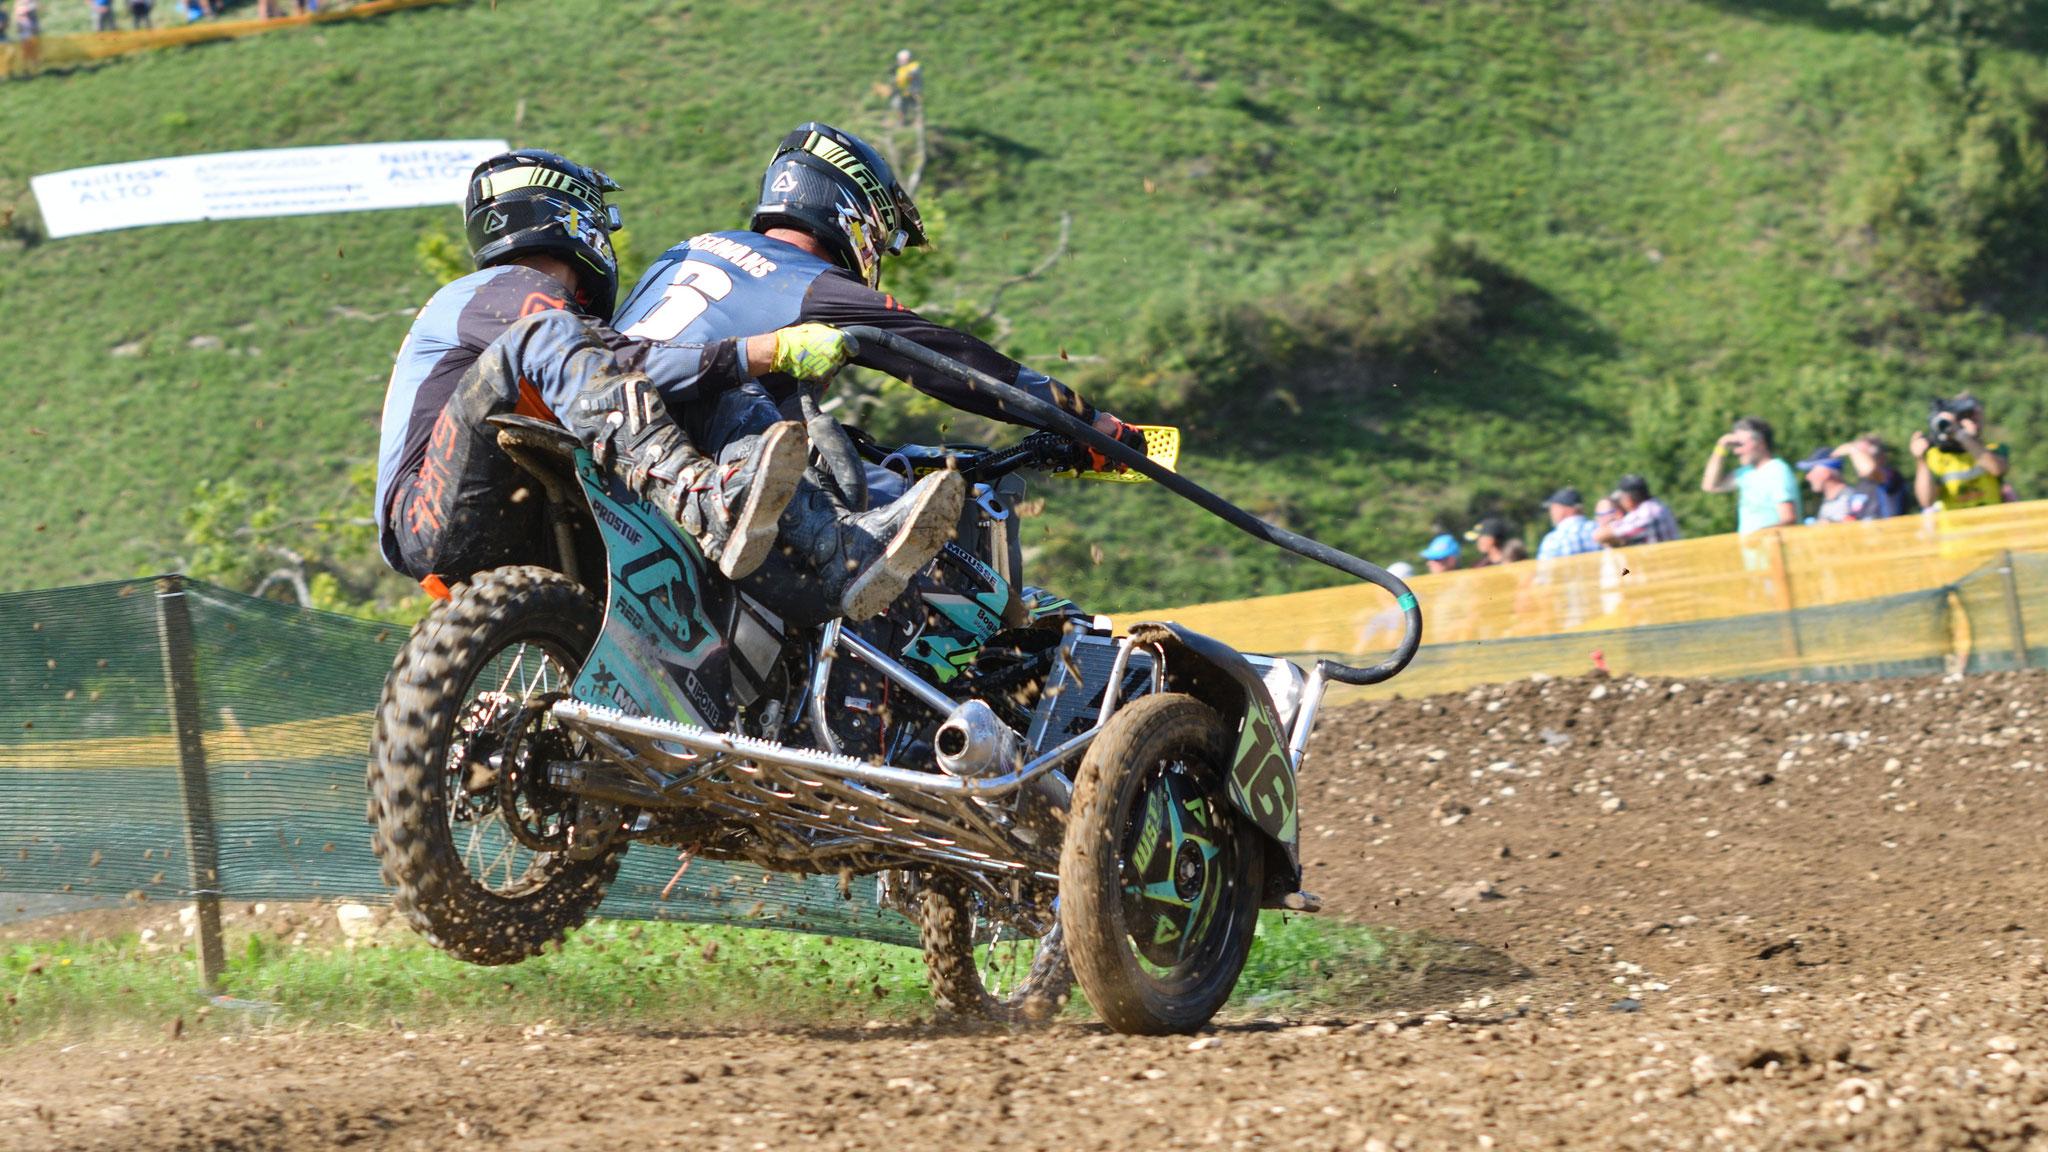 Wer hat gesagt, dass nur bei Rossi & Co. das Hinterrad beim Bremsen auf Asphalt, abheben kann?